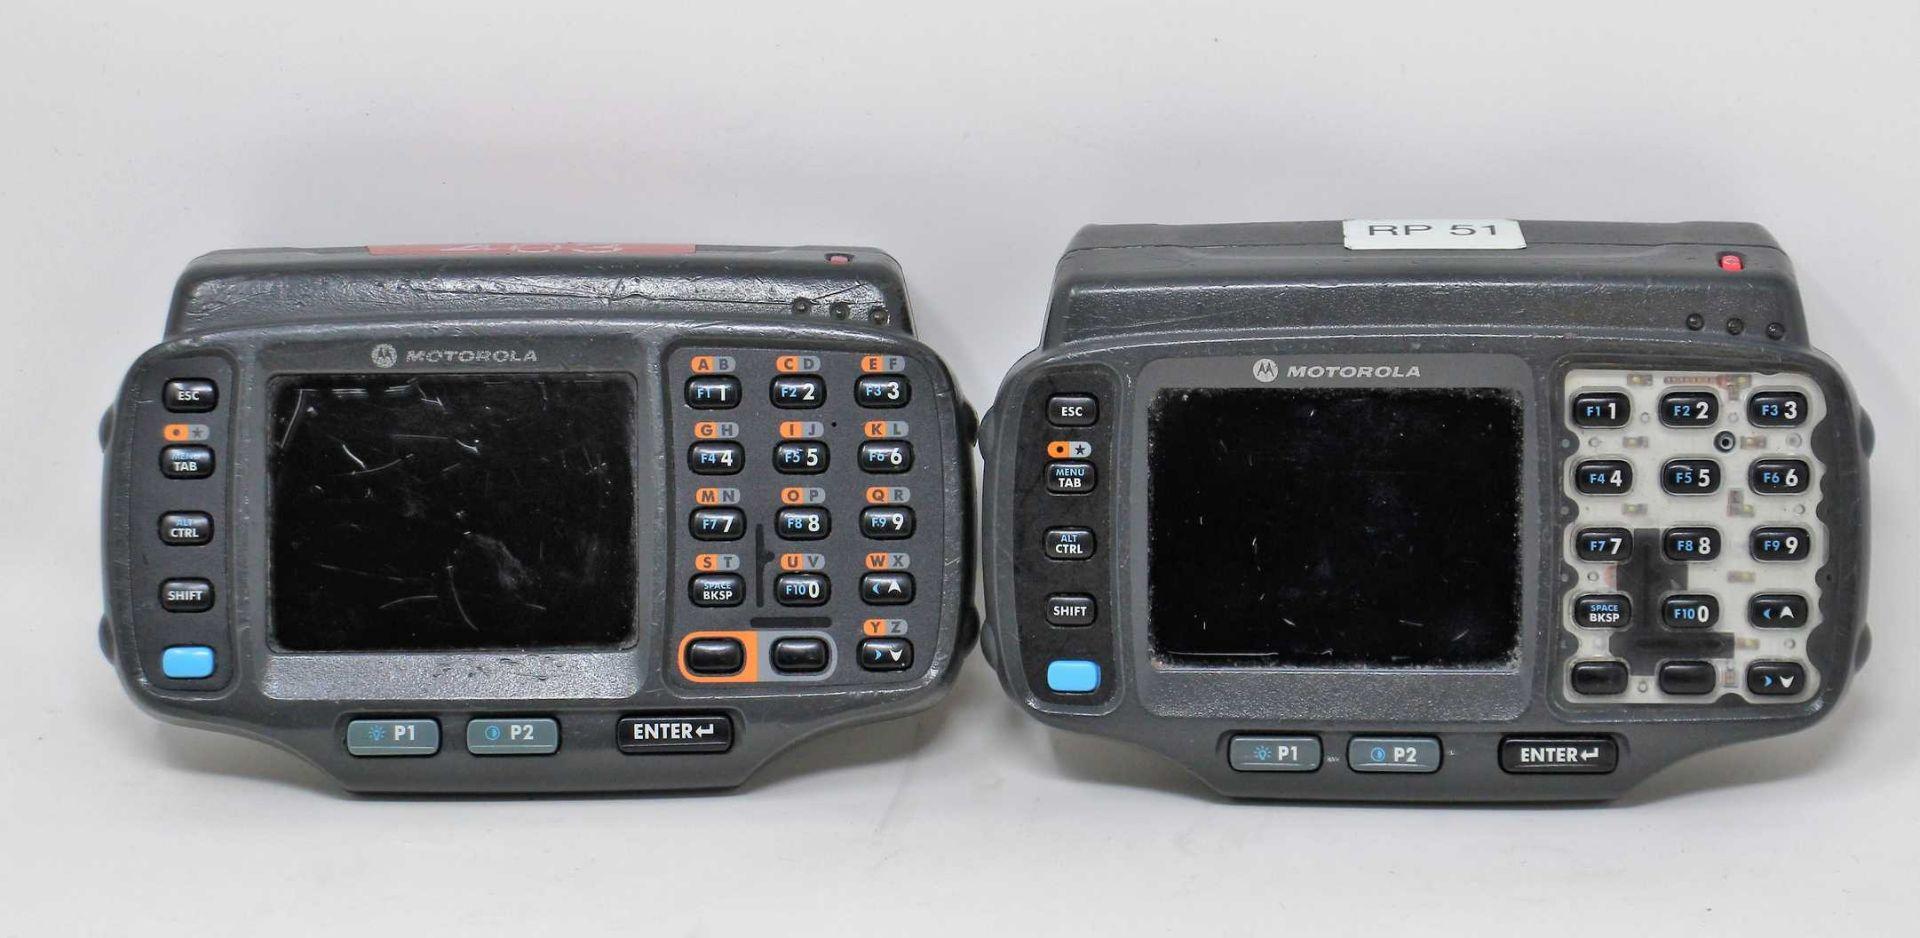 SOLD FOR PARTS: Two pre-owned Motorola WT41N0 Wearable Computers (M/N: WT41N0-N2S27ER) (Batteries